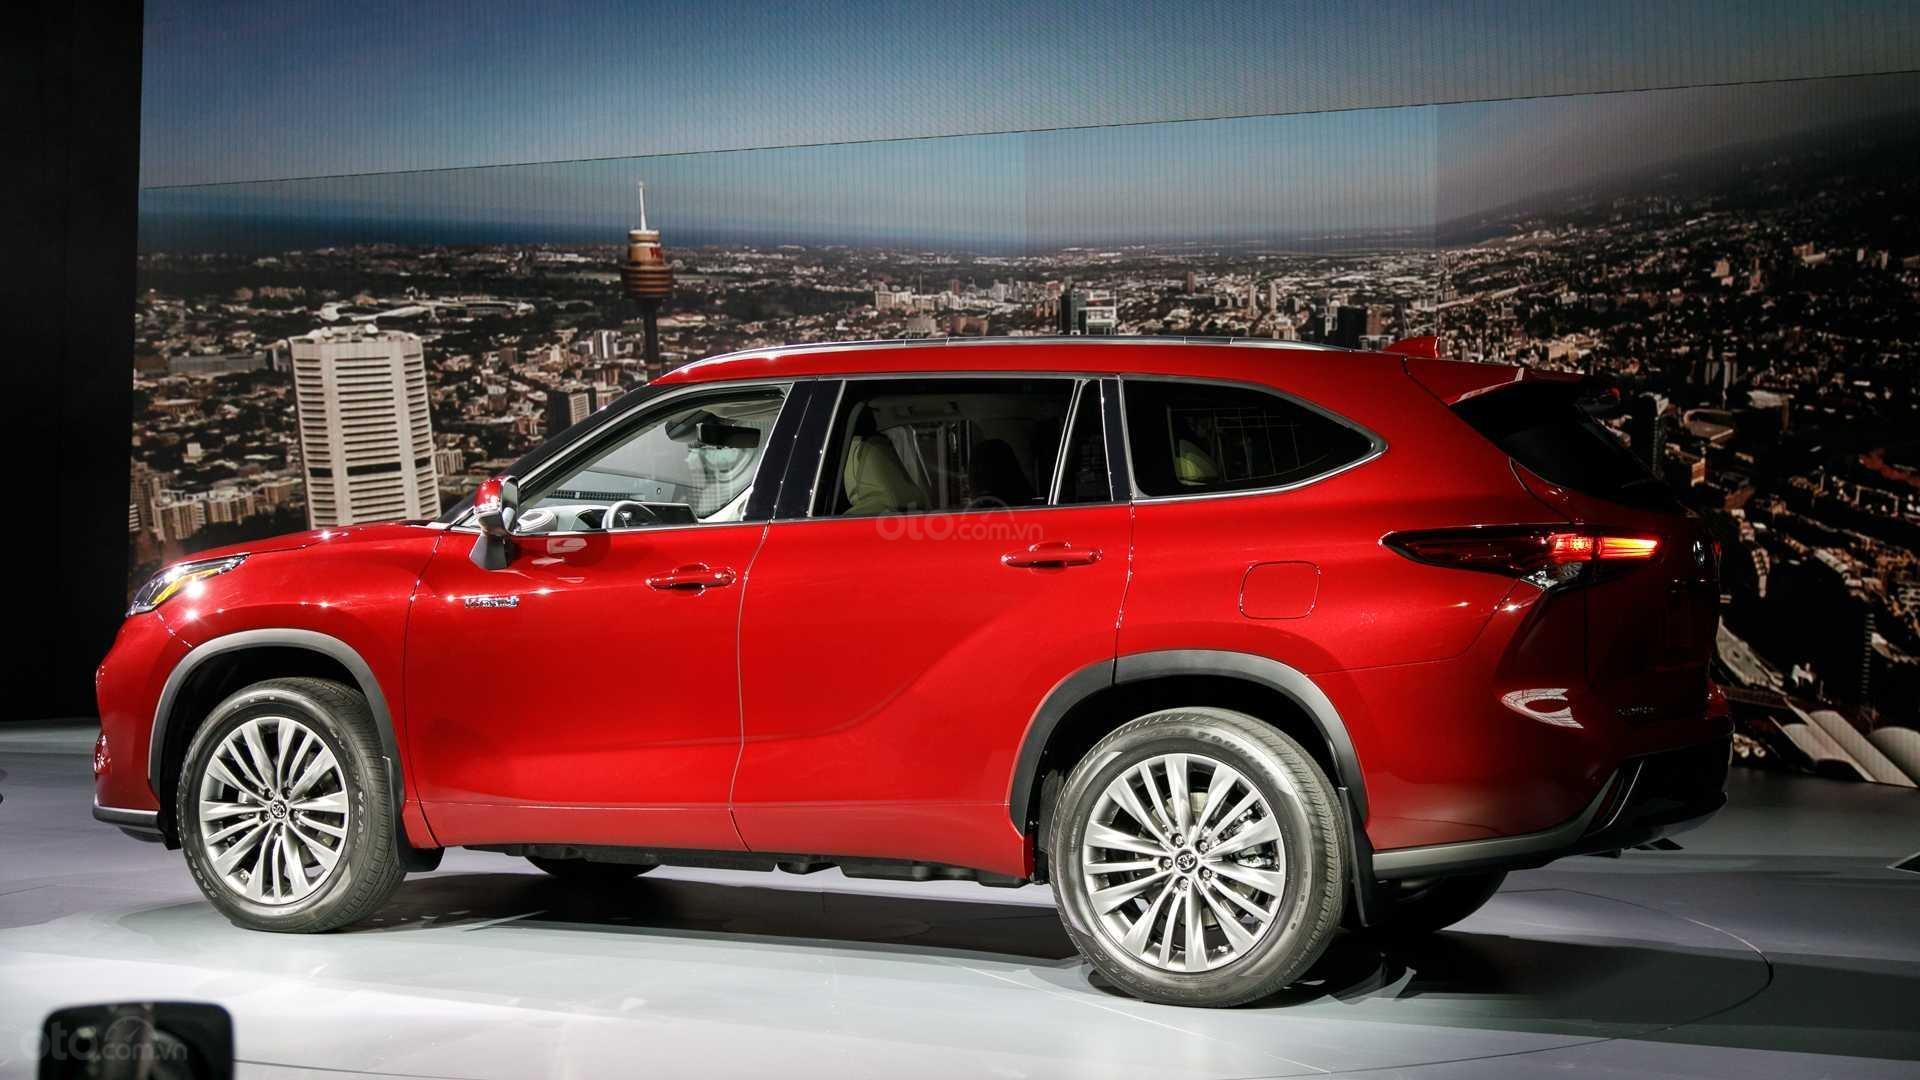 Đánh giá xe Toyota Highlander 2020 màu đỏ thân xe